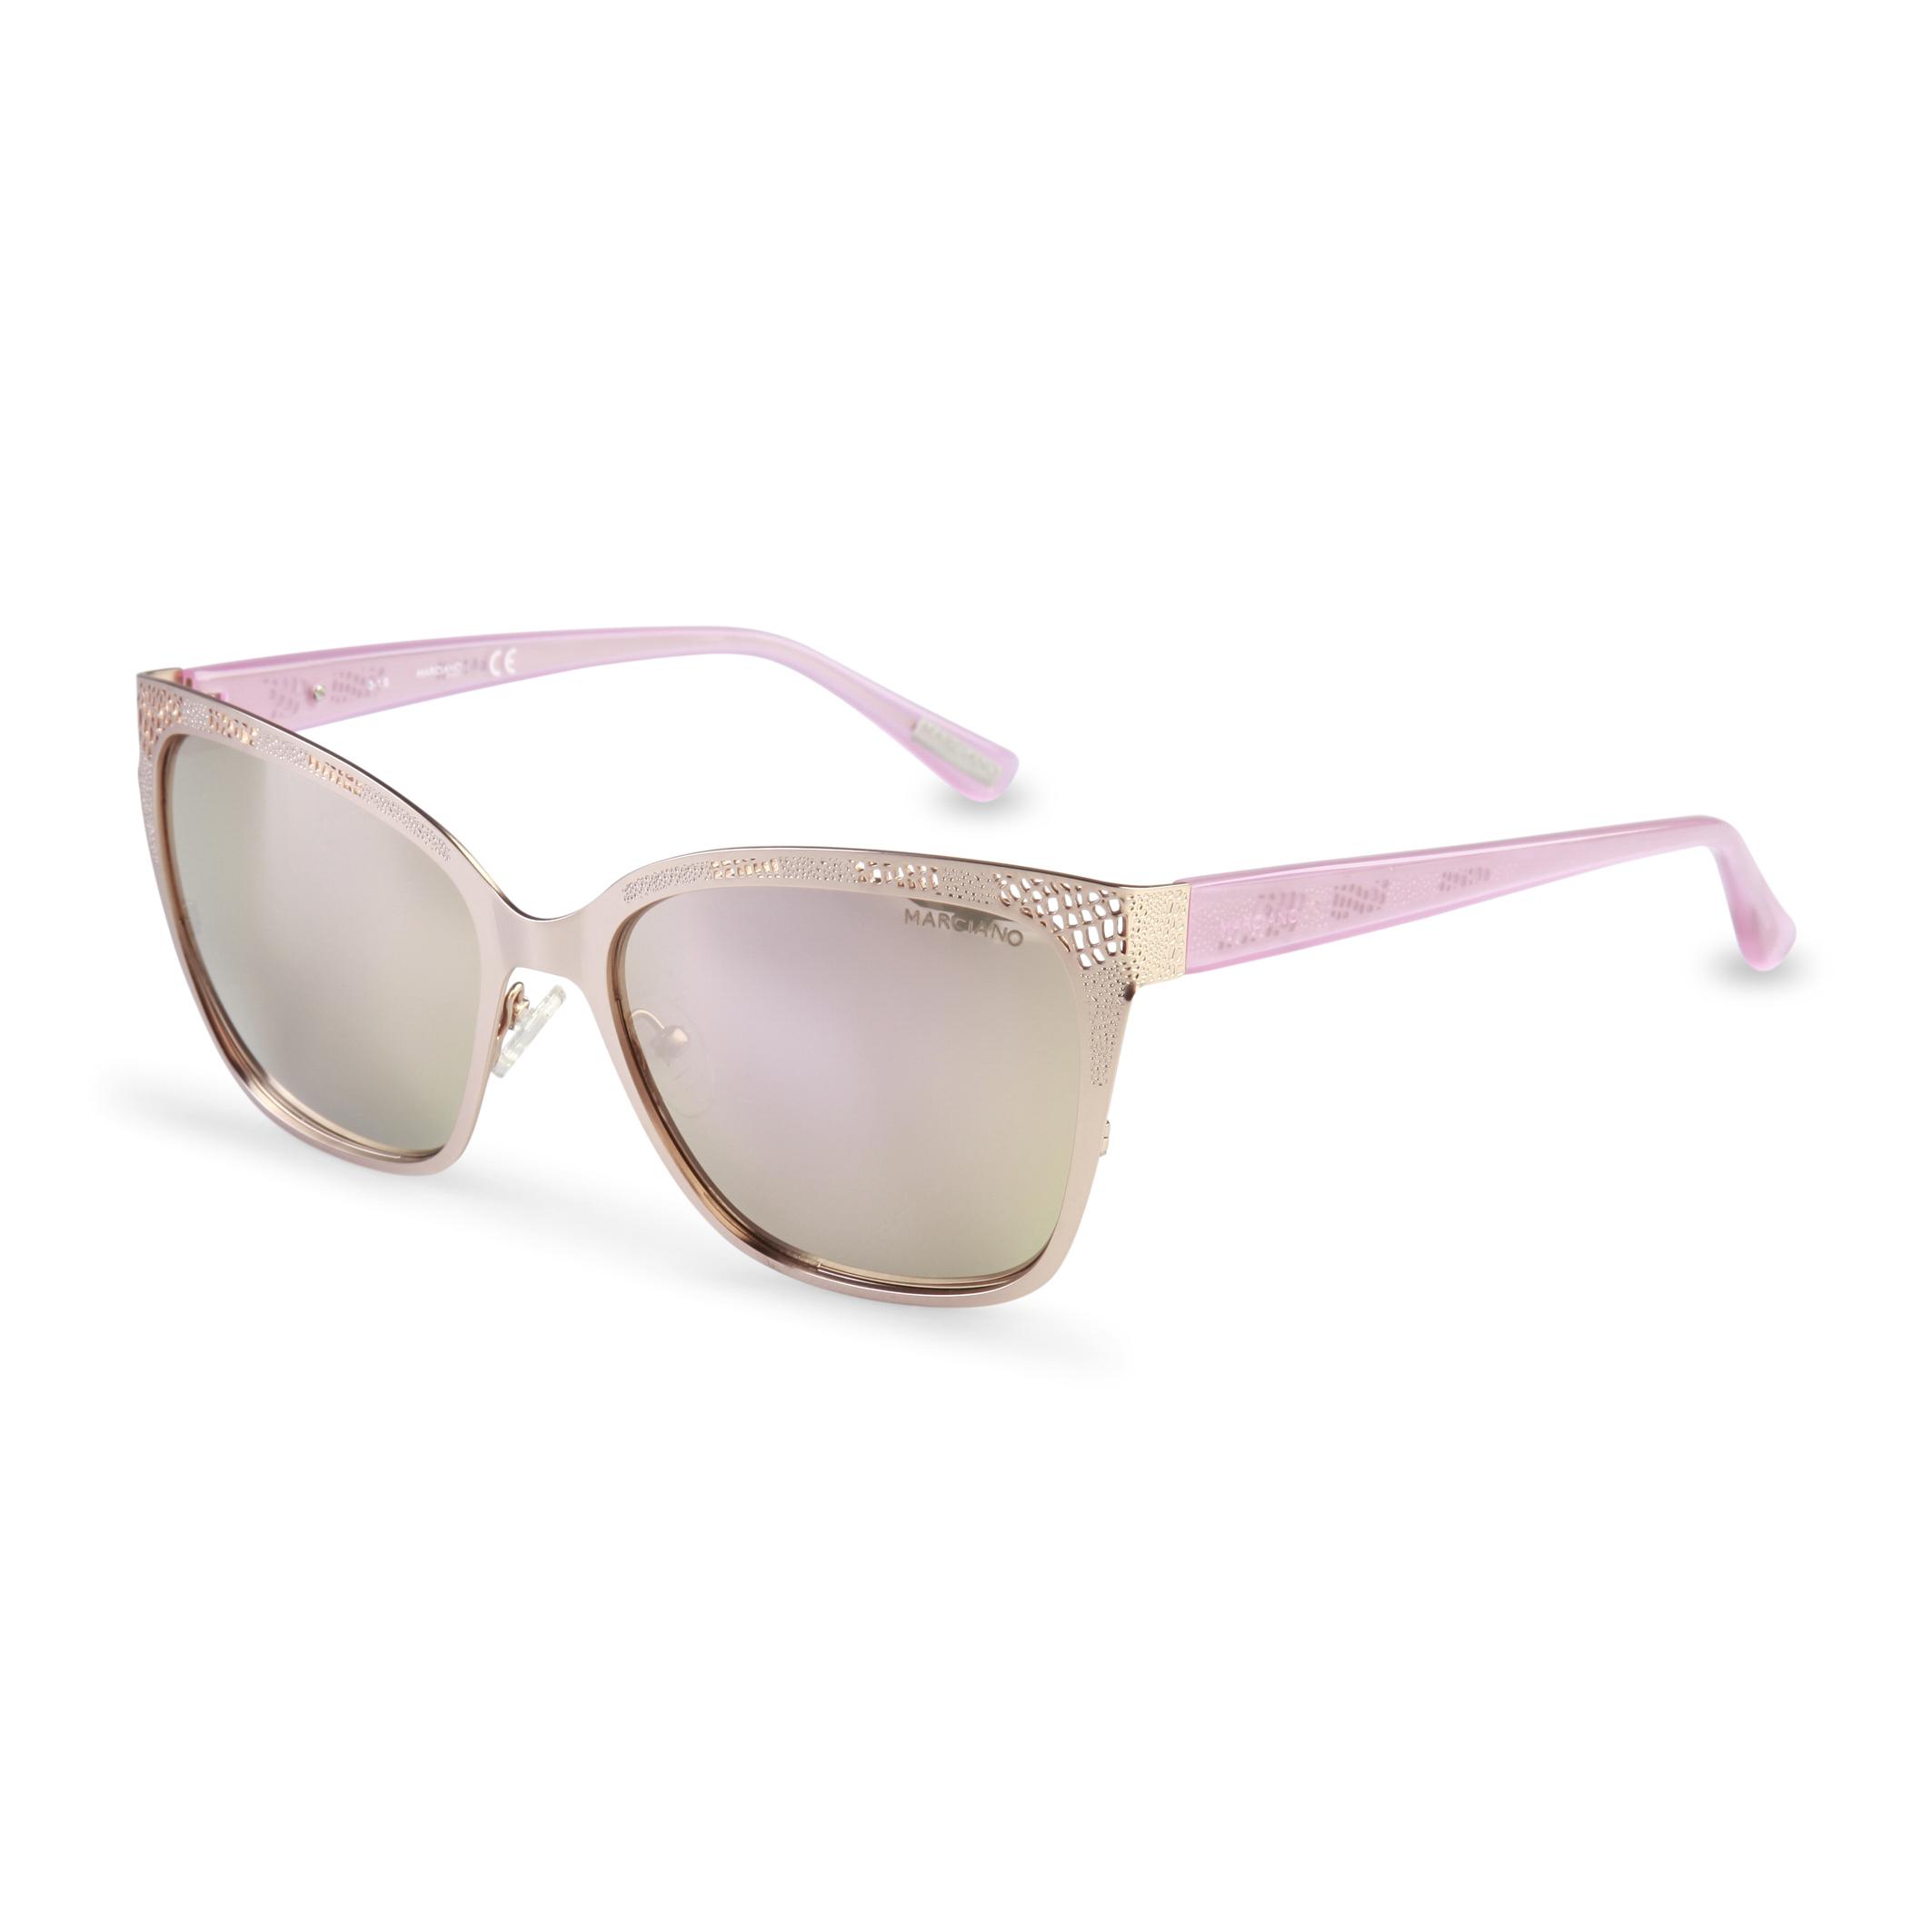 Lunettes-de-soleil-Guess-Femme-GM0742-Bleu-Brun-Rose-Noir-Printemps-Ete